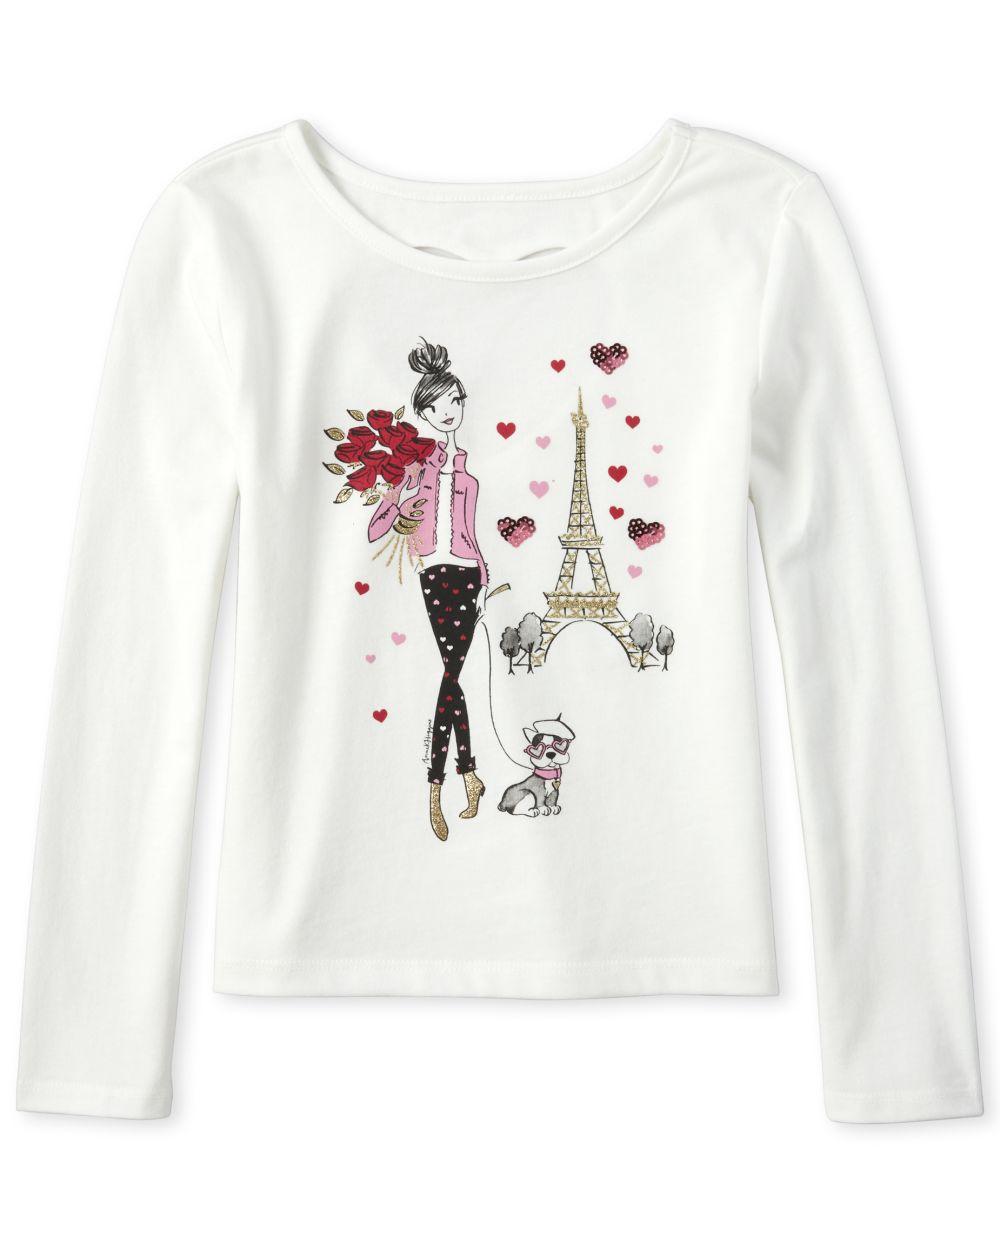 Girls Glitter Paris Heart Cut Out Top